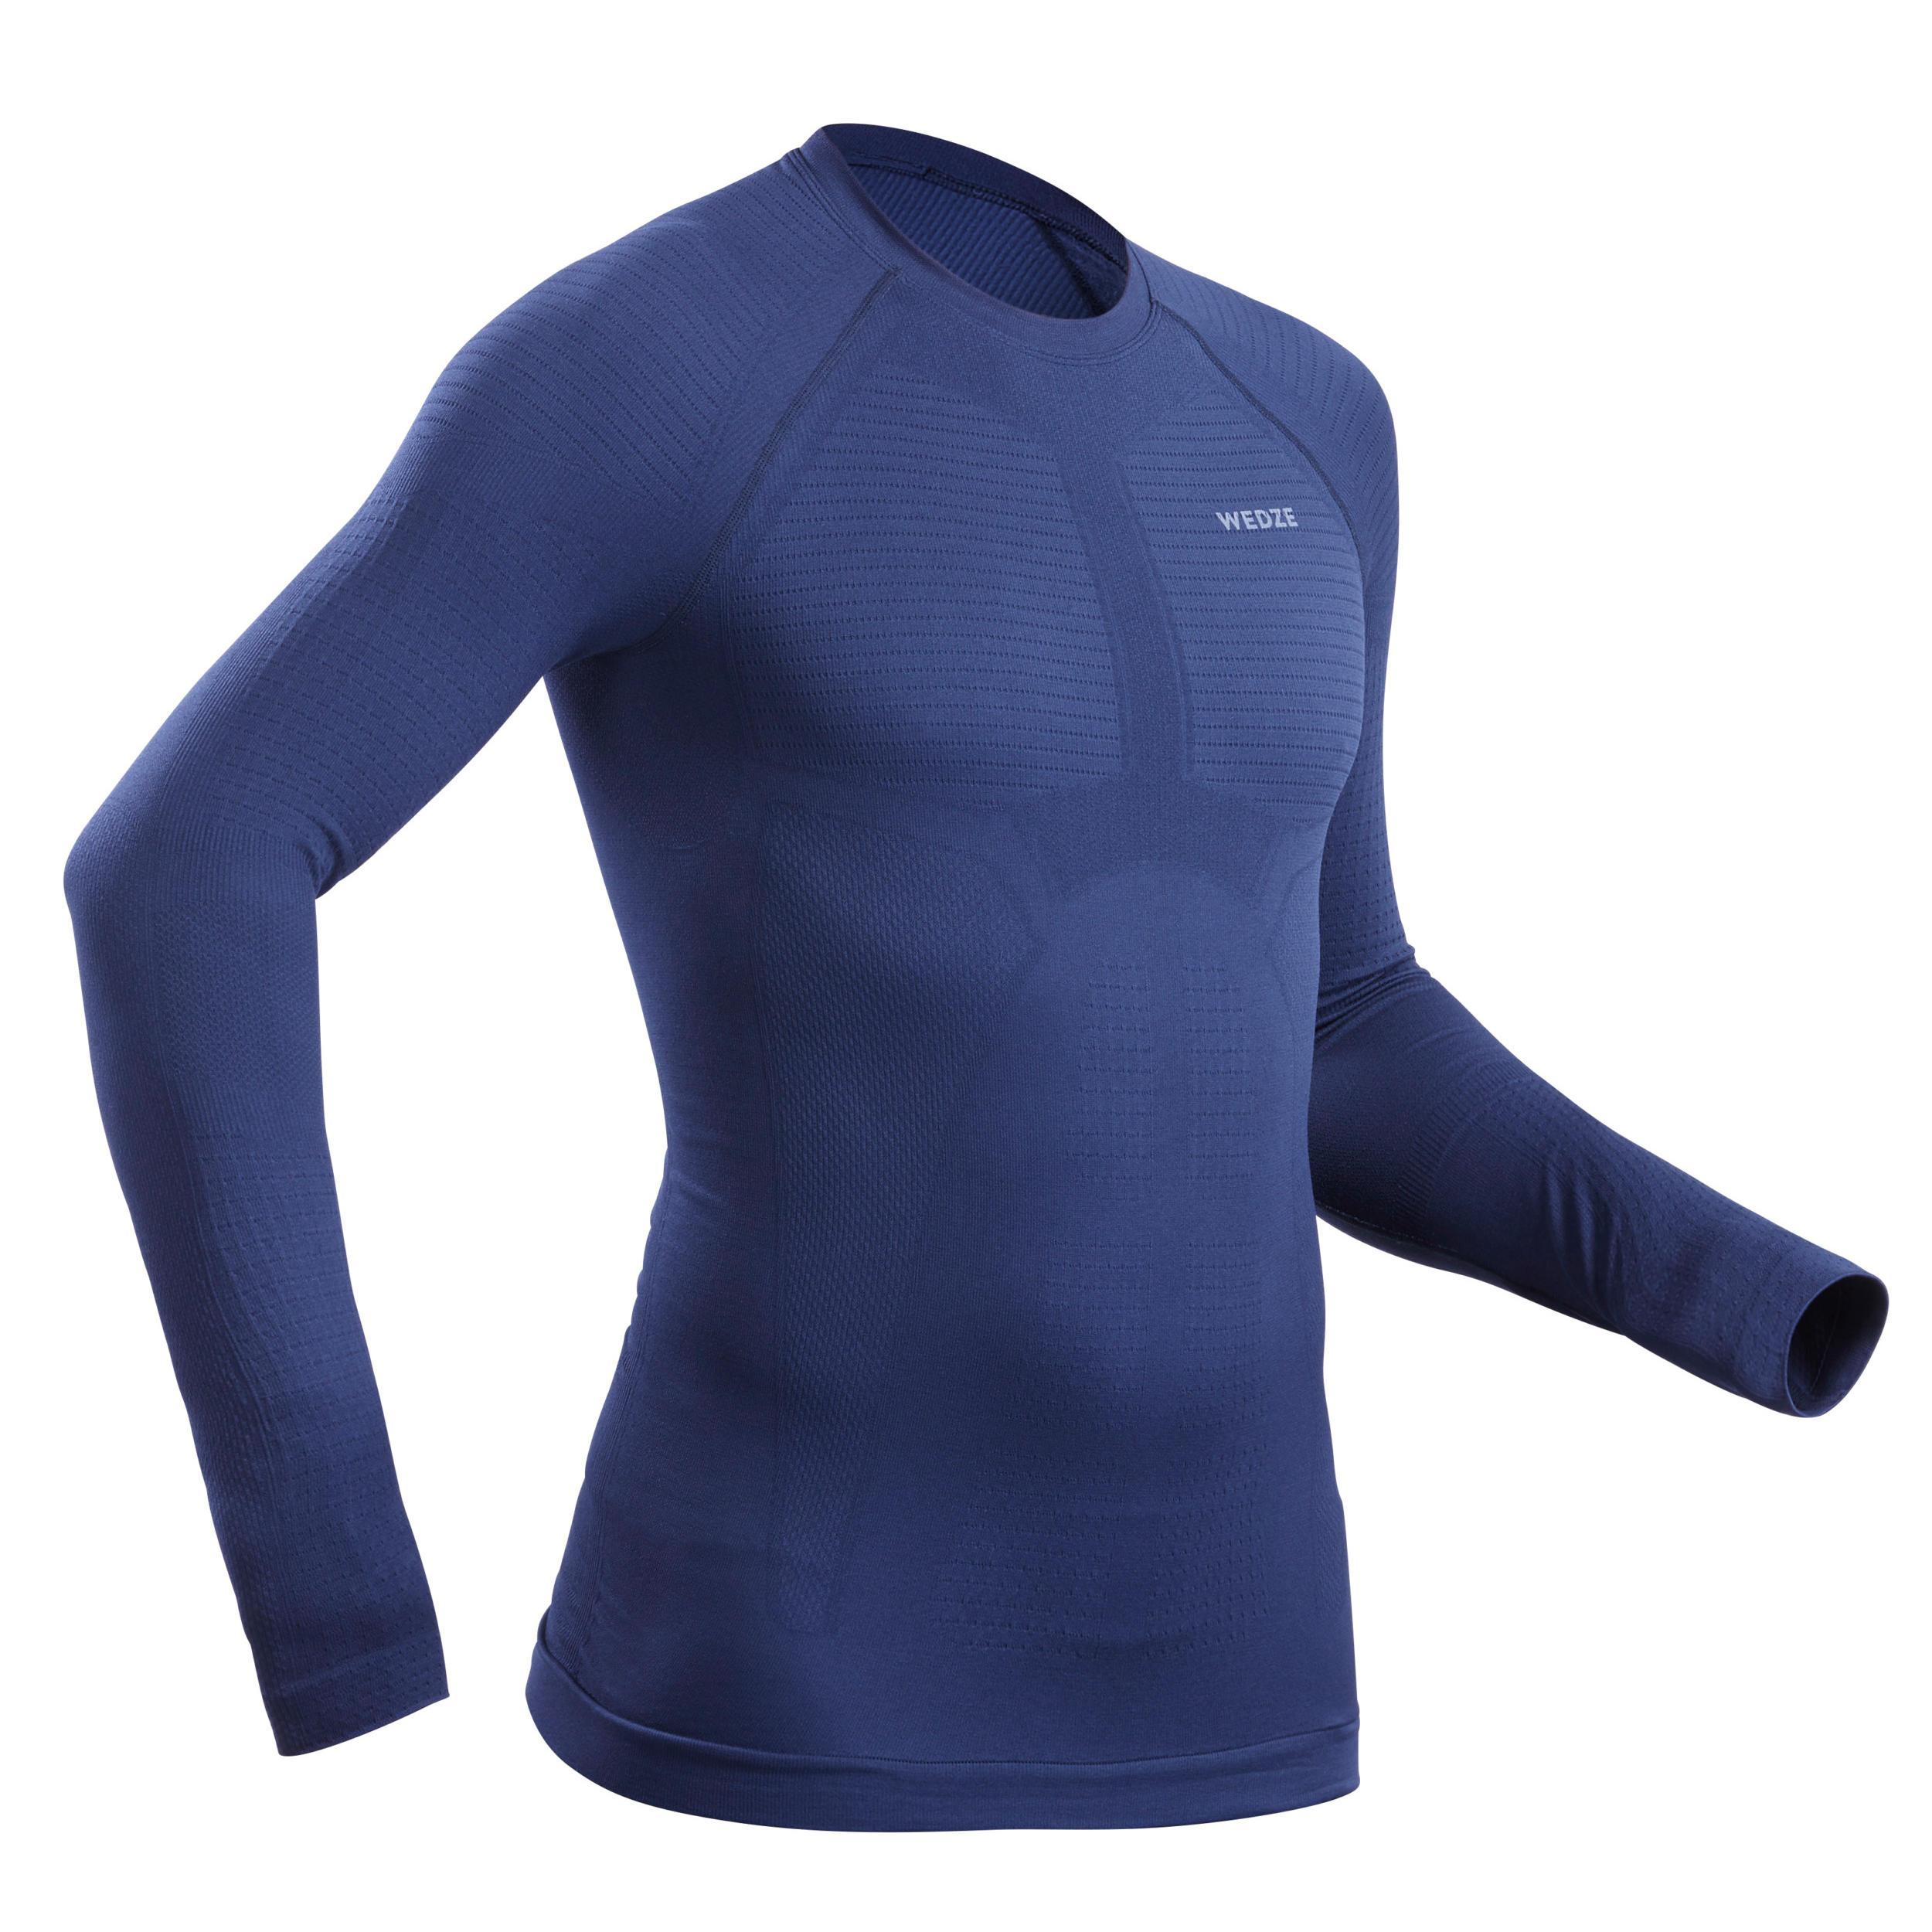 Skiunterwäsche Funktionsshirt 580 I-Soft Herren   Sportbekleidung > Funktionswäsche   Wedze